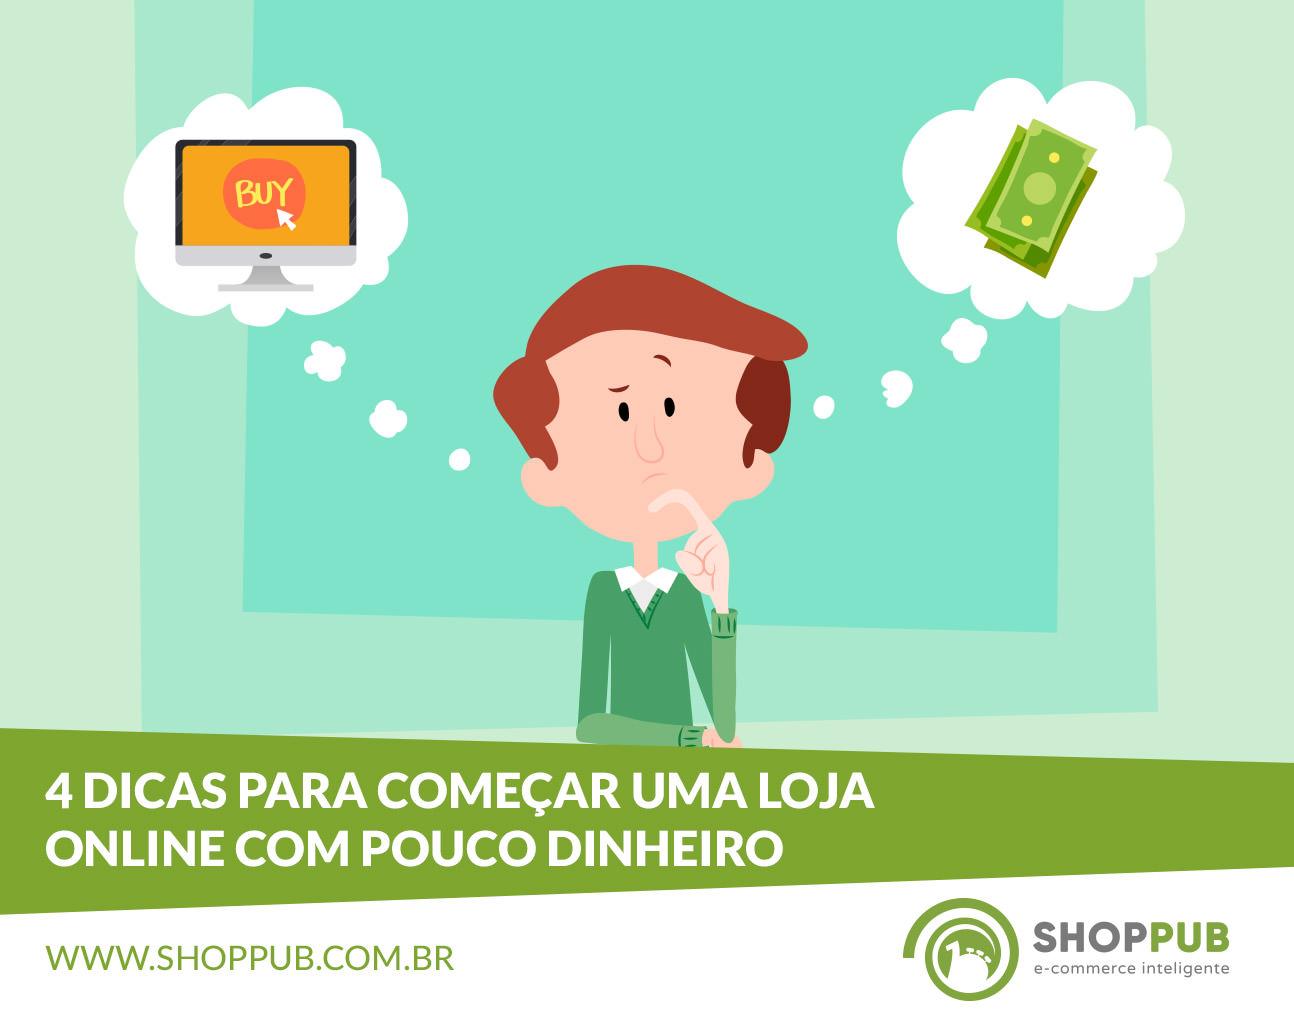 89baea749fb653 4 dicas para começar uma loja online com pouco dinheiro - Blog Shoppub